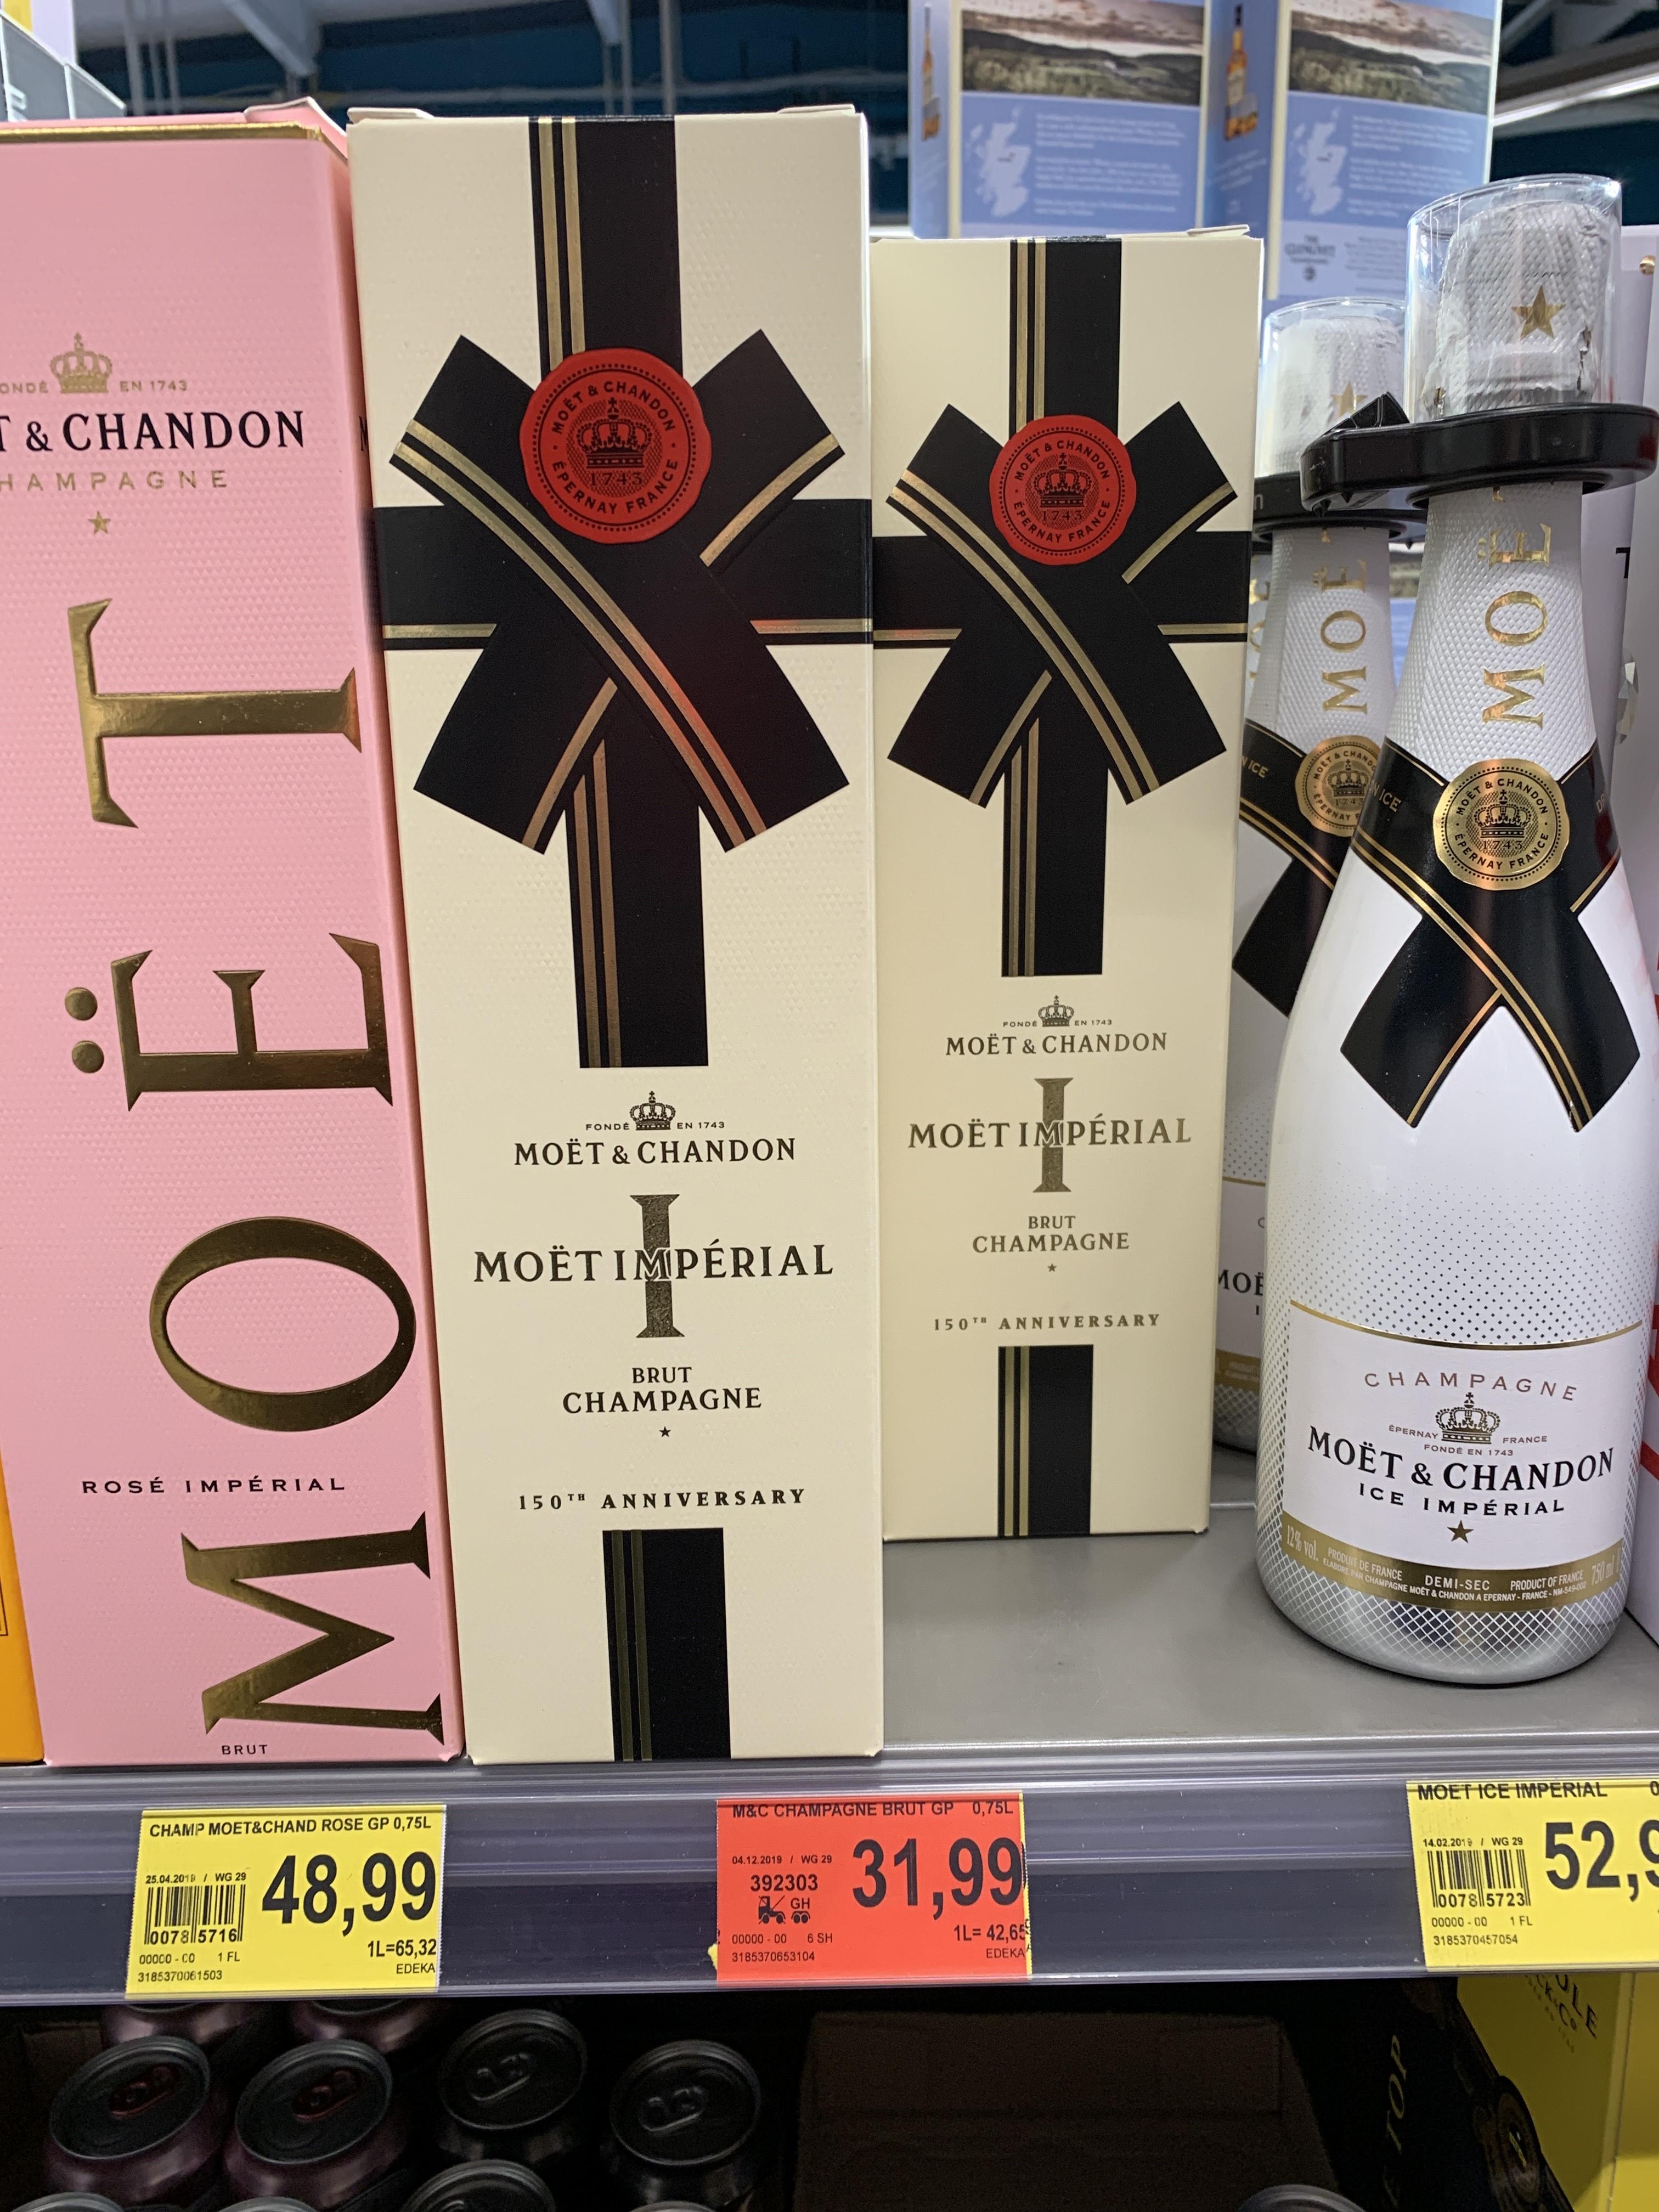 Moët & Chandon Champagner 0,75L 31,99 Euro Trinkgut Düsseldorf